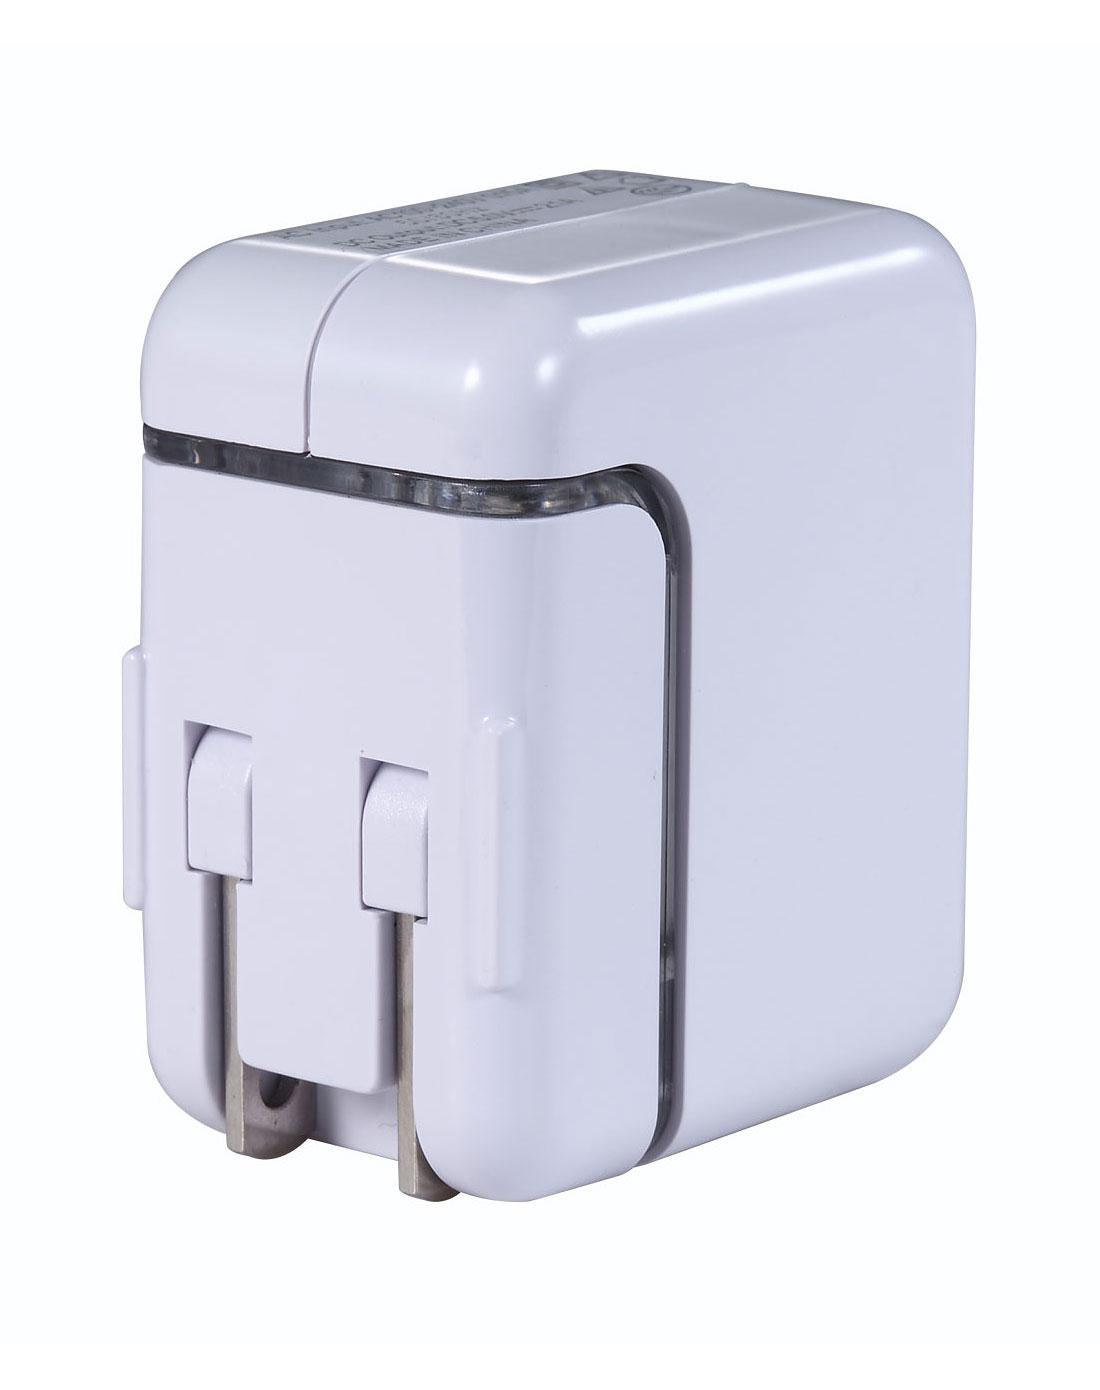 麦利多mailido苹果配件专场ipad大头充电器ML